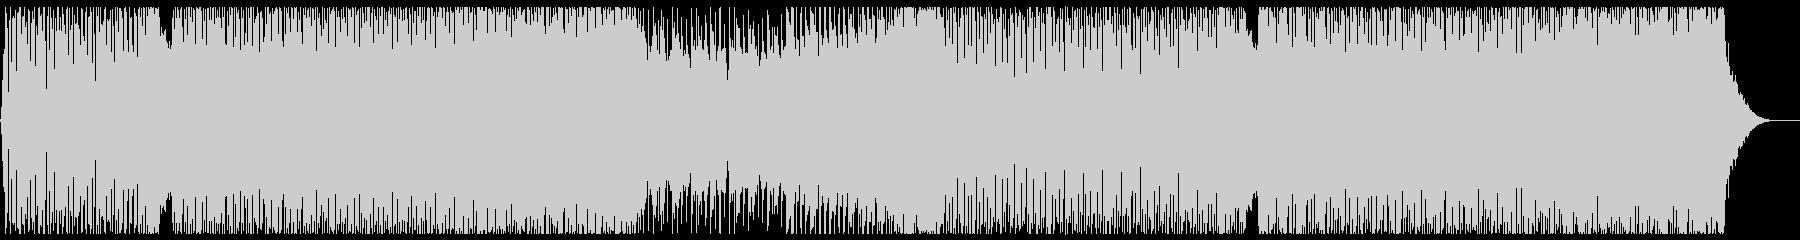 前向きでパワフルなエレクトロEDM2の未再生の波形